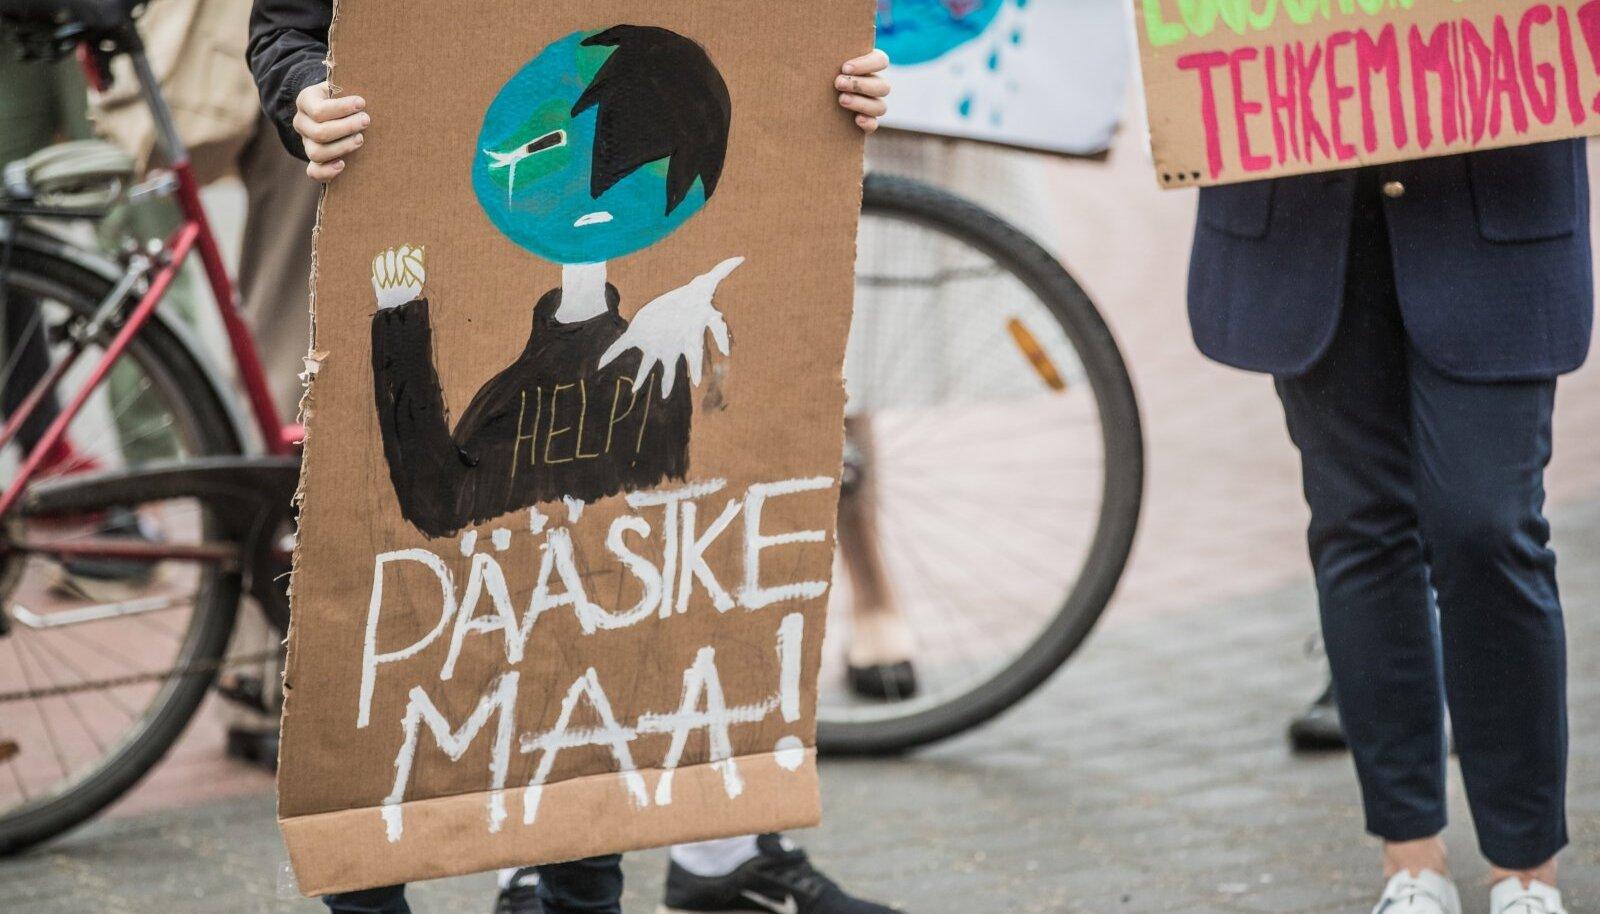 Noored üle maailma on juba mitu aastat korraldanud kliimastreike, et juhtida valitsuste tähelepanu kliimakriisile ja kutsuda neid üles ambitsioonikamaid plaane ette võtma.